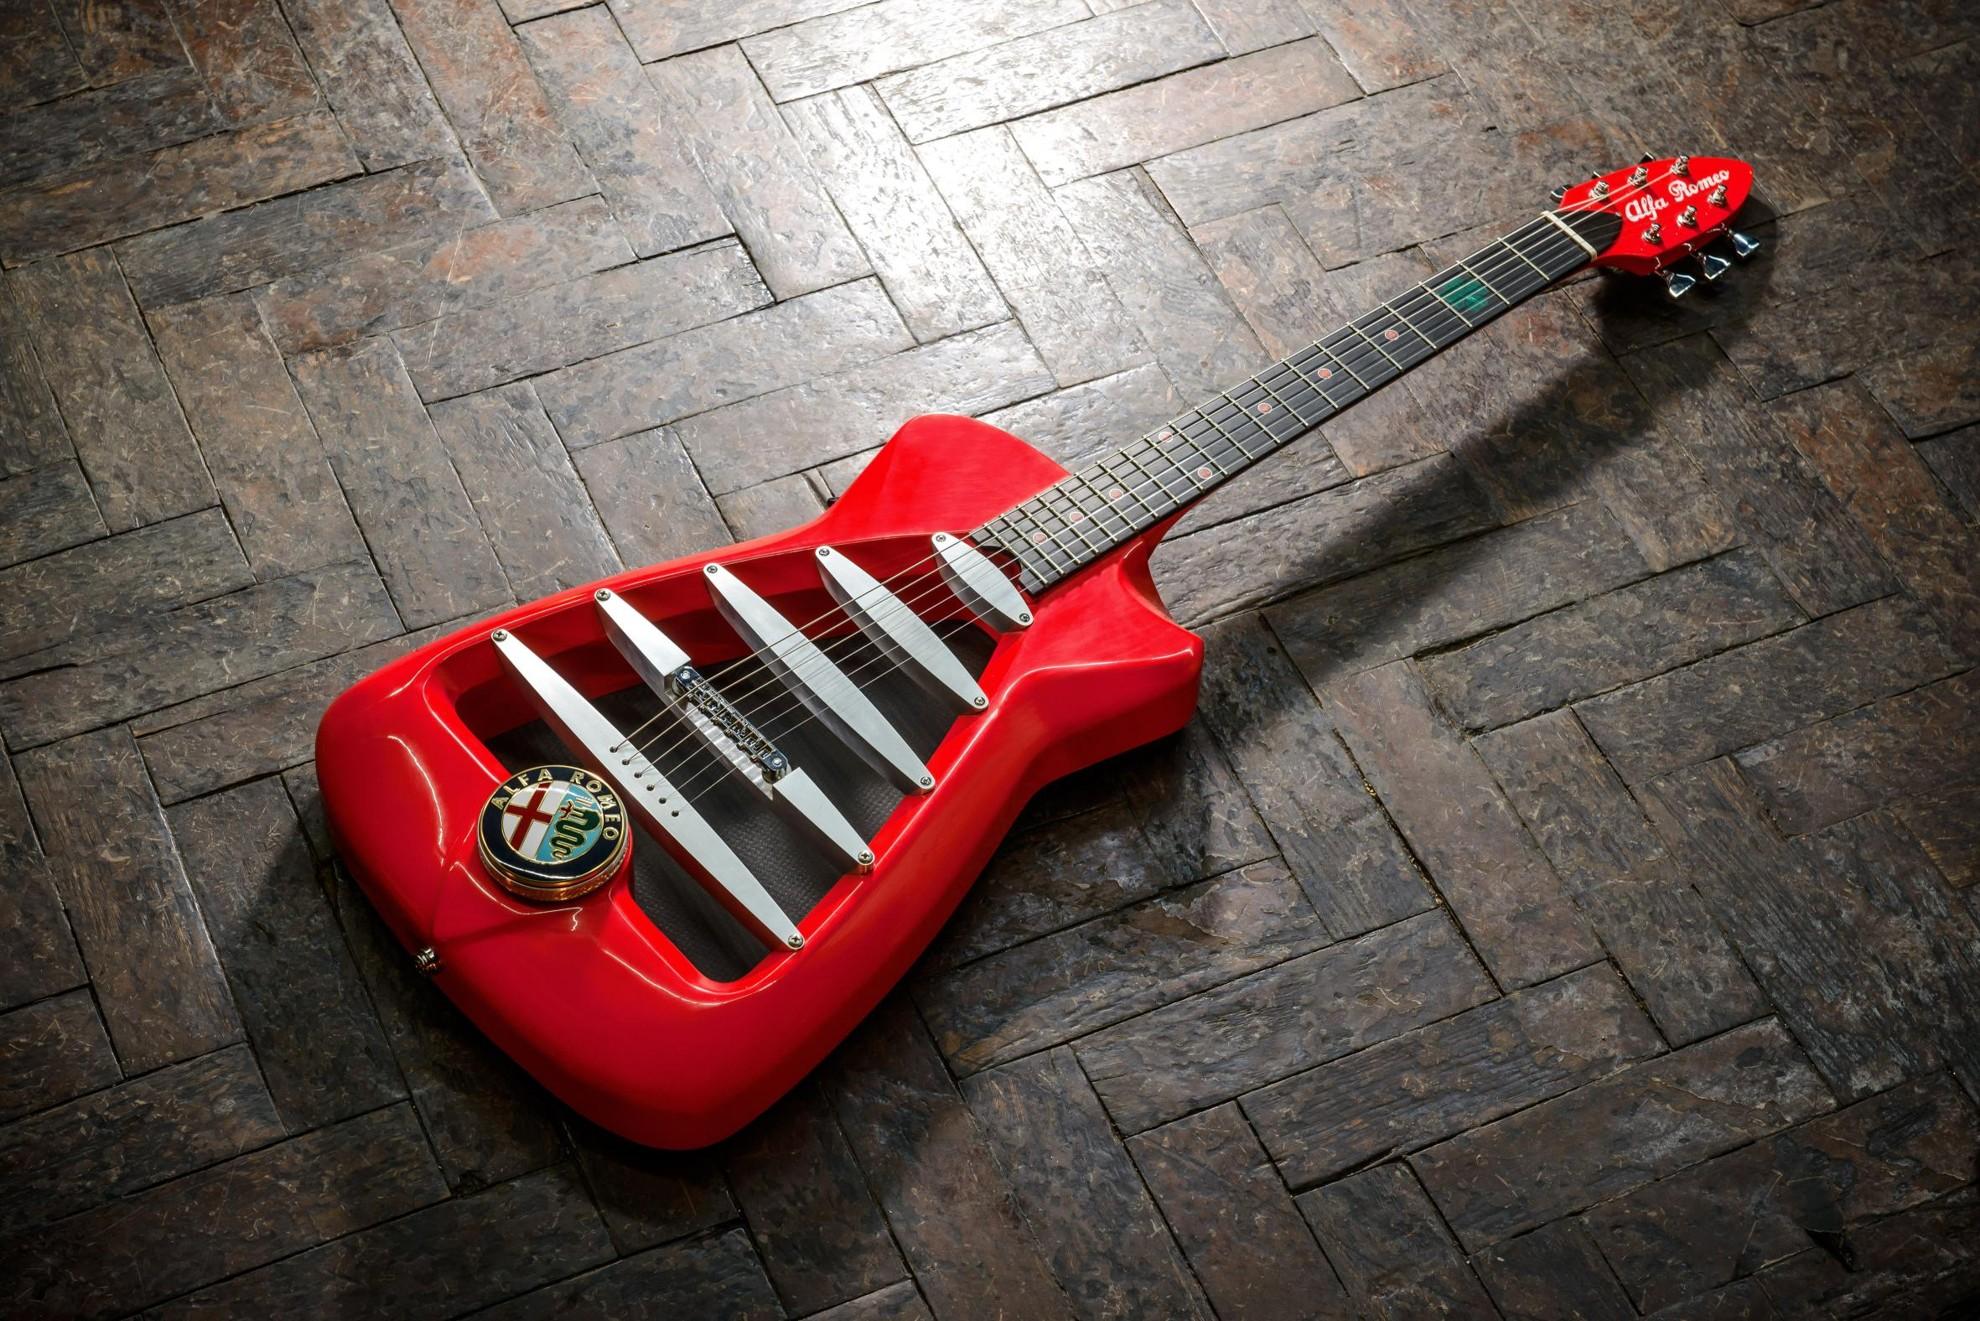 Bu Gitardan Yalnızca 11 Adet Üretilecek